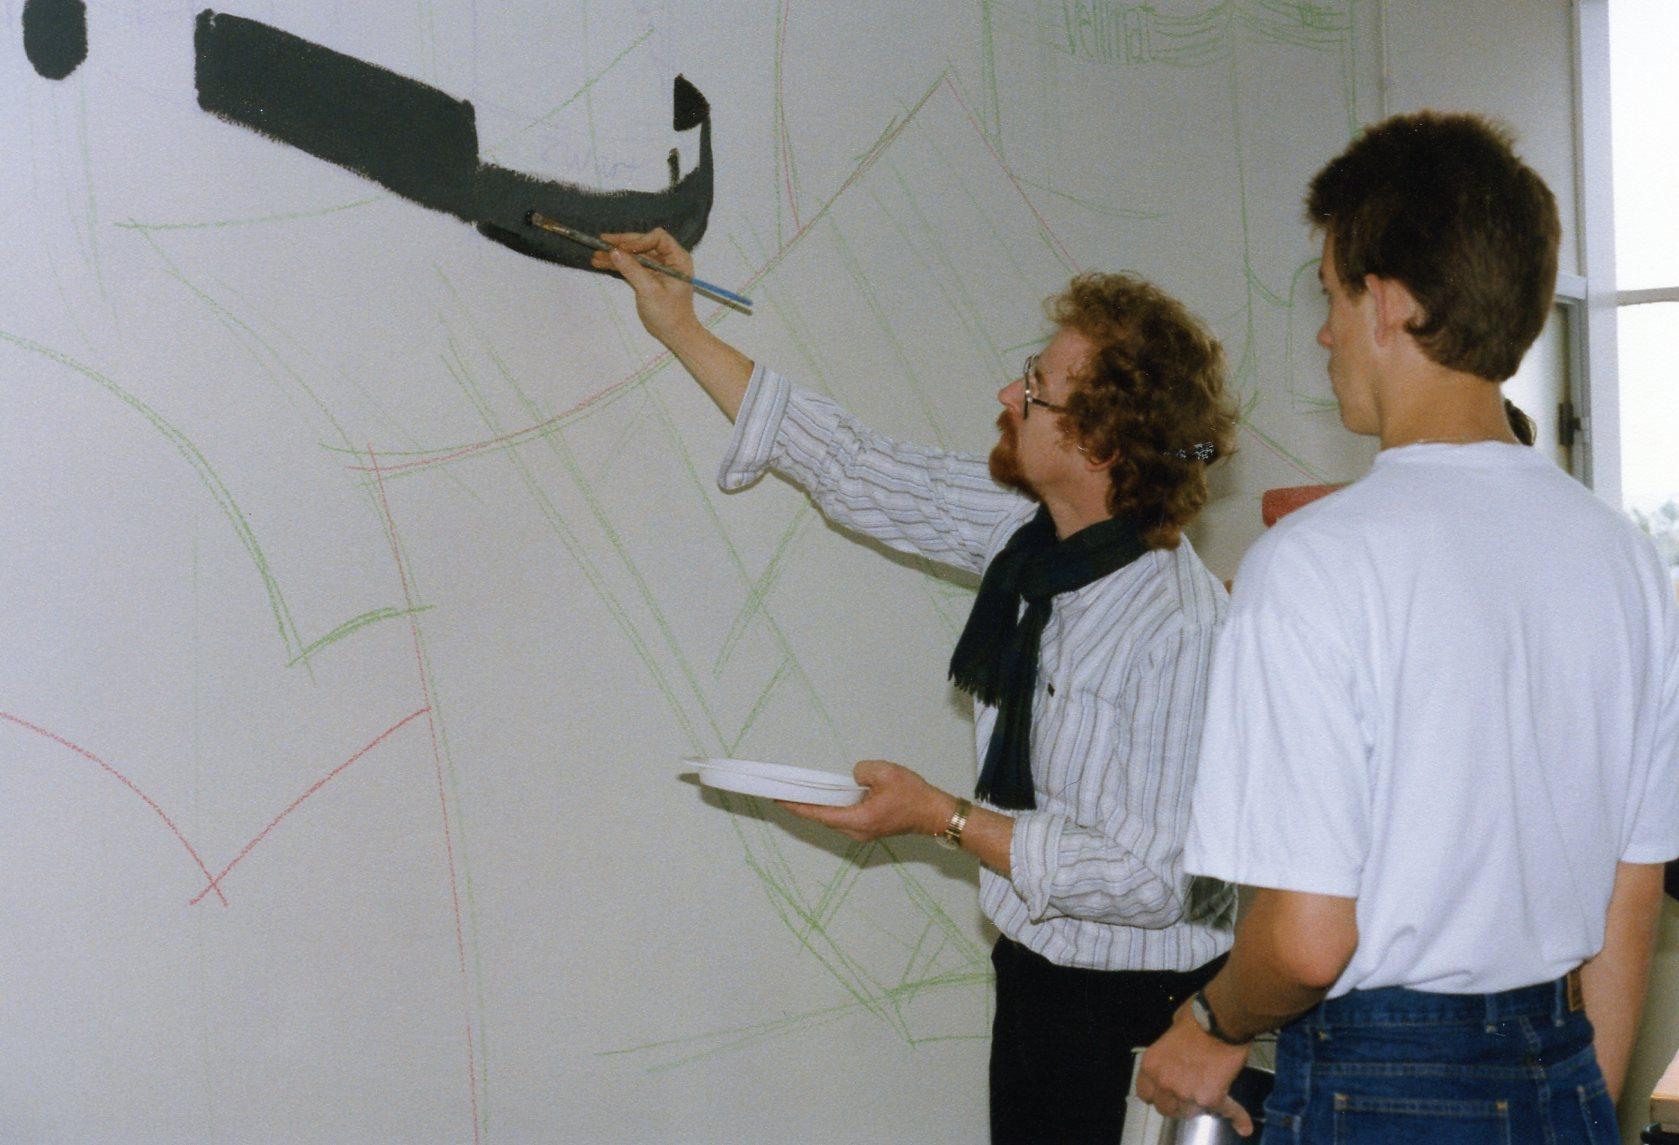 Meer dan 40 jaar tekenonderwijs… » Tekenen voor bedrijven voor het ...